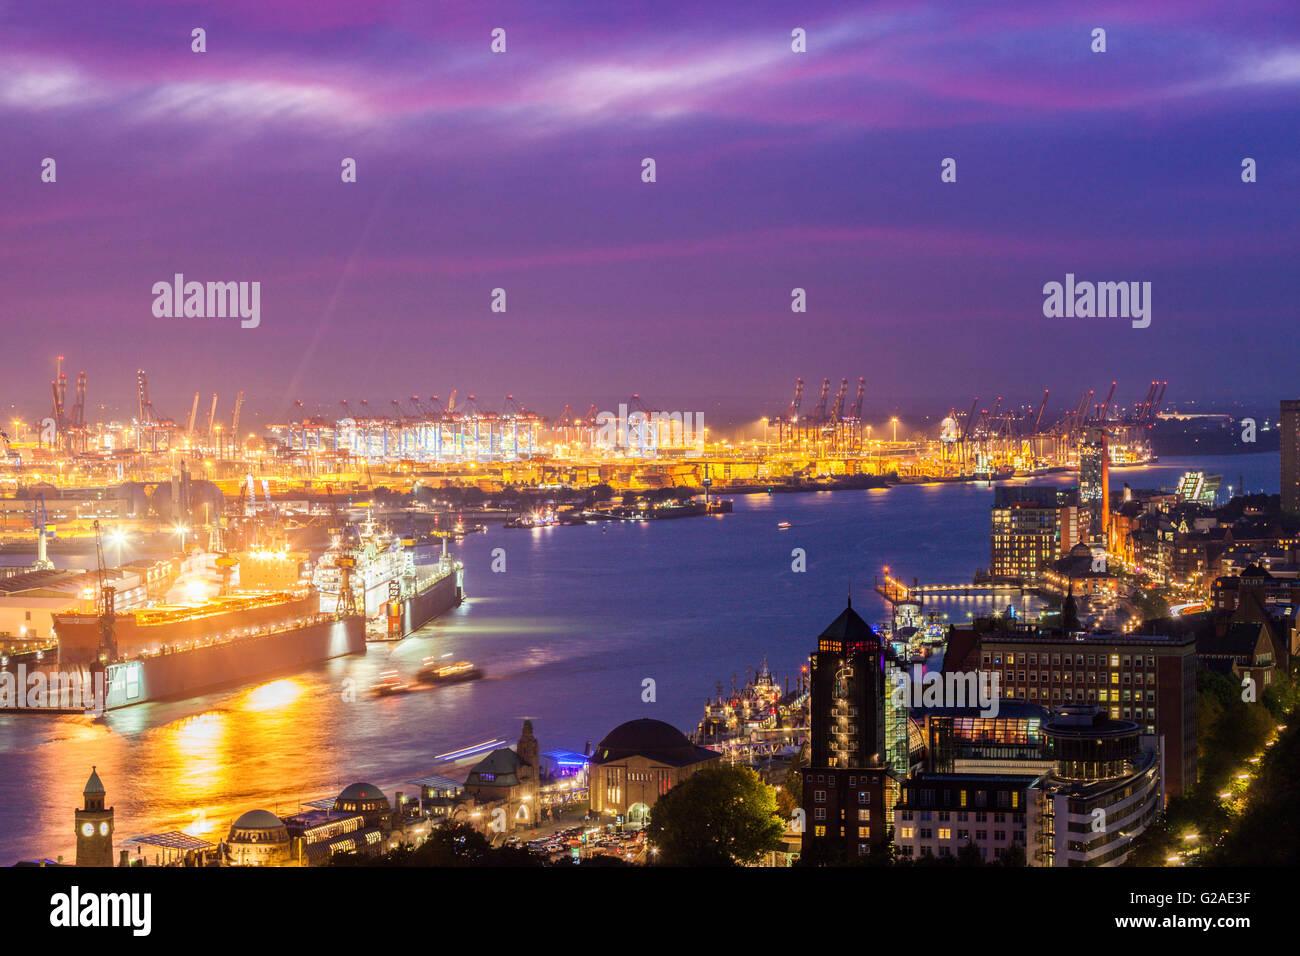 Port of Hamburg at sunset Hamburg, Germany - Stock Image